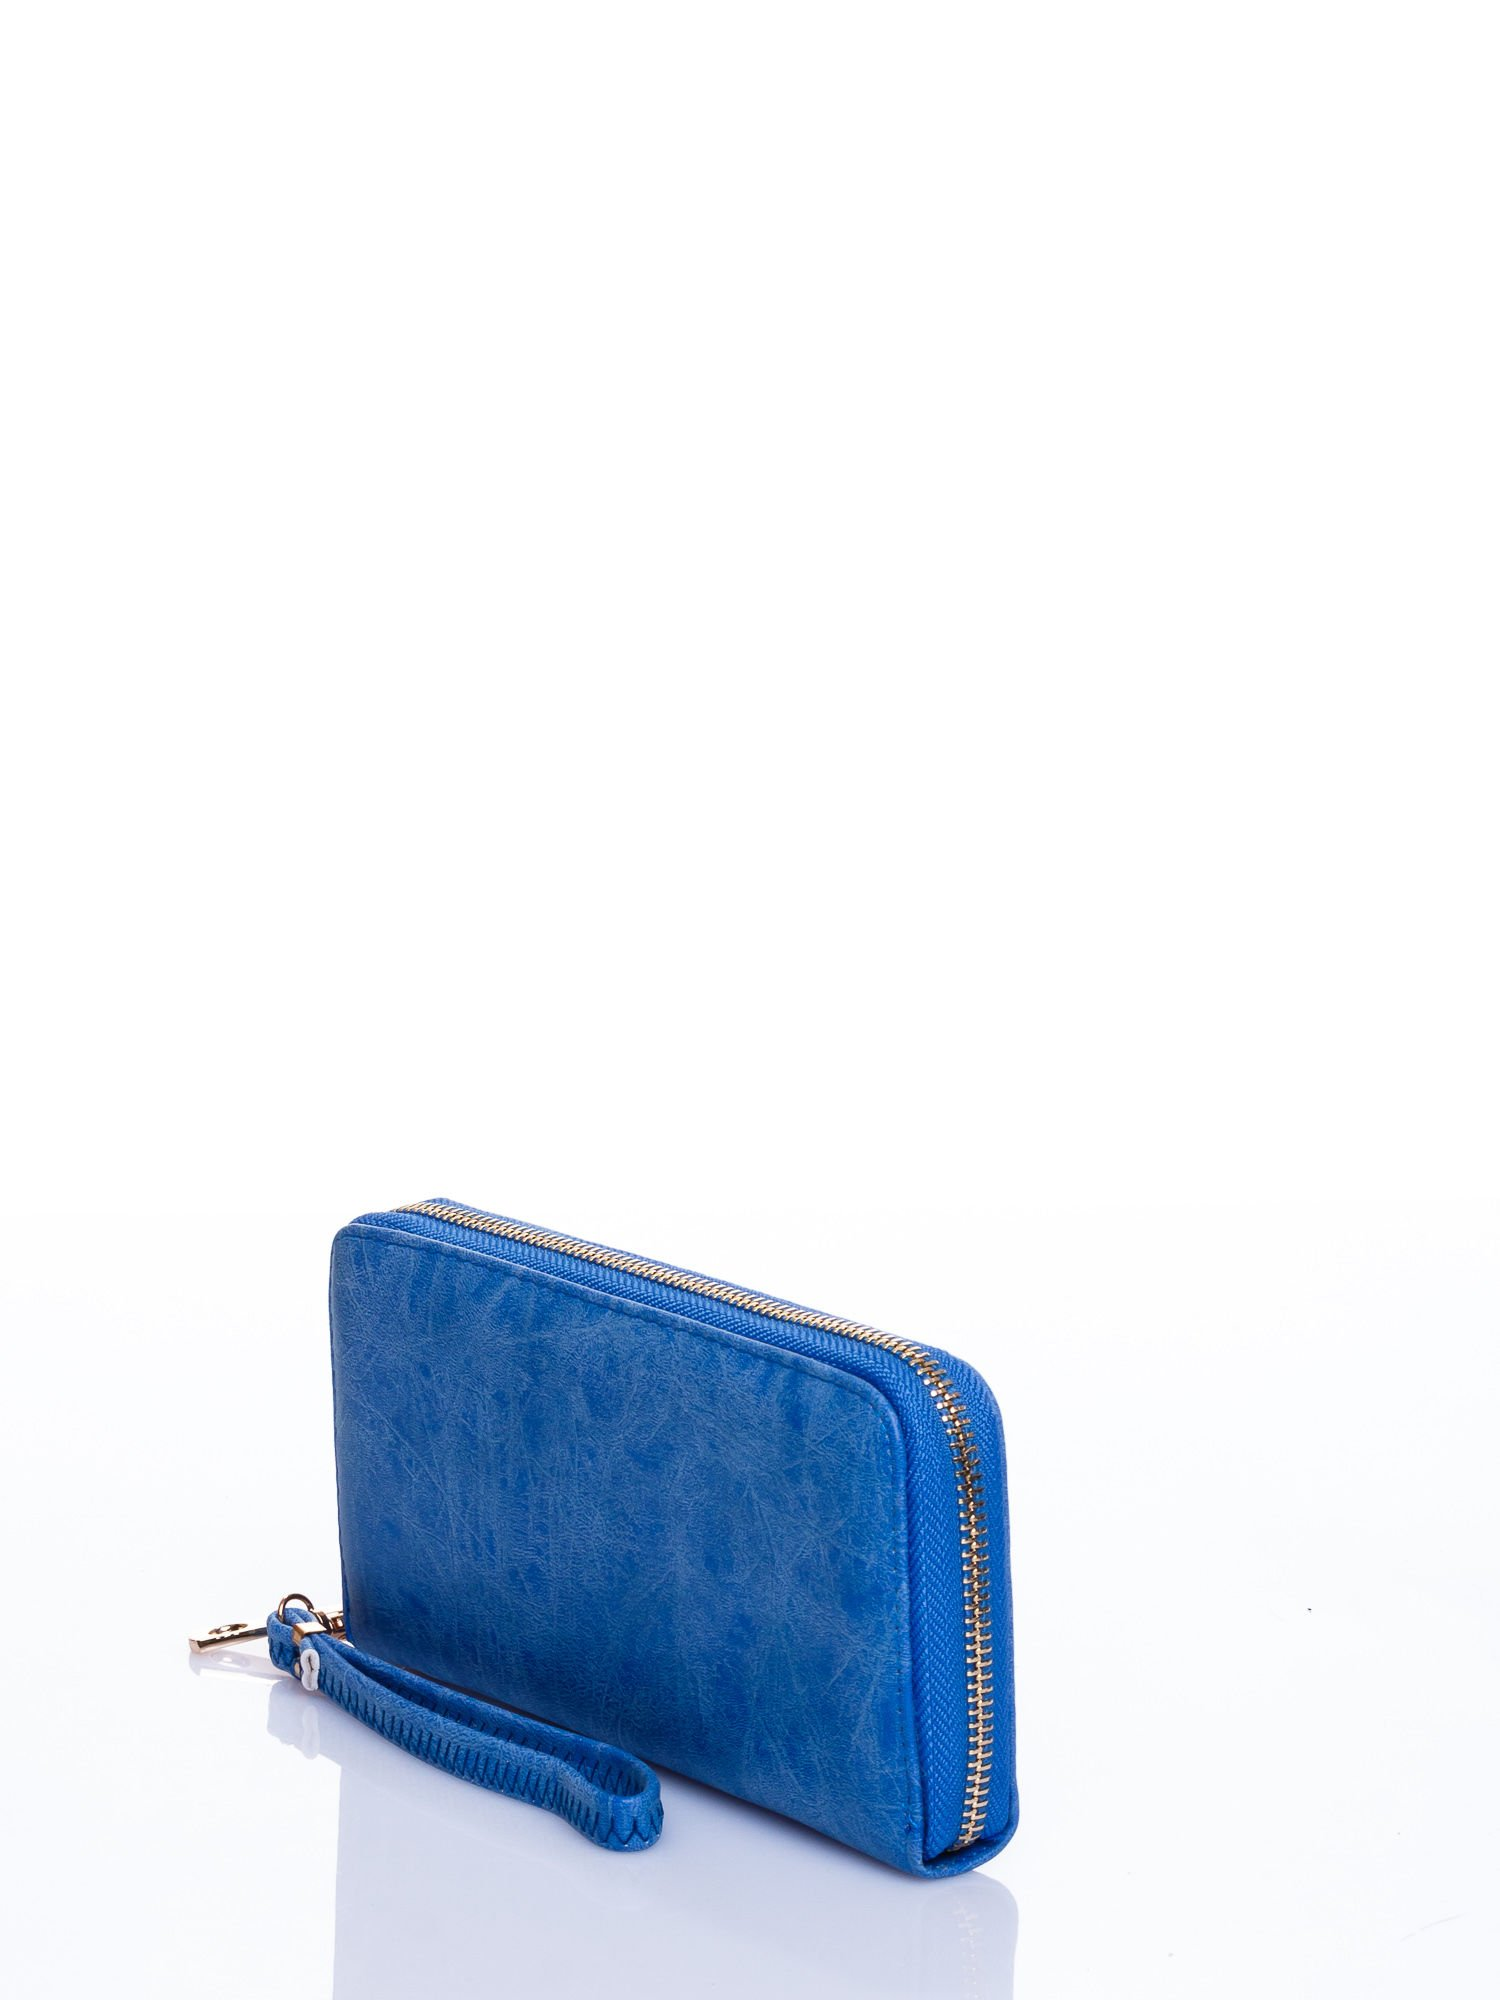 Niebieski portfel z rączką                                  zdj.                                  2